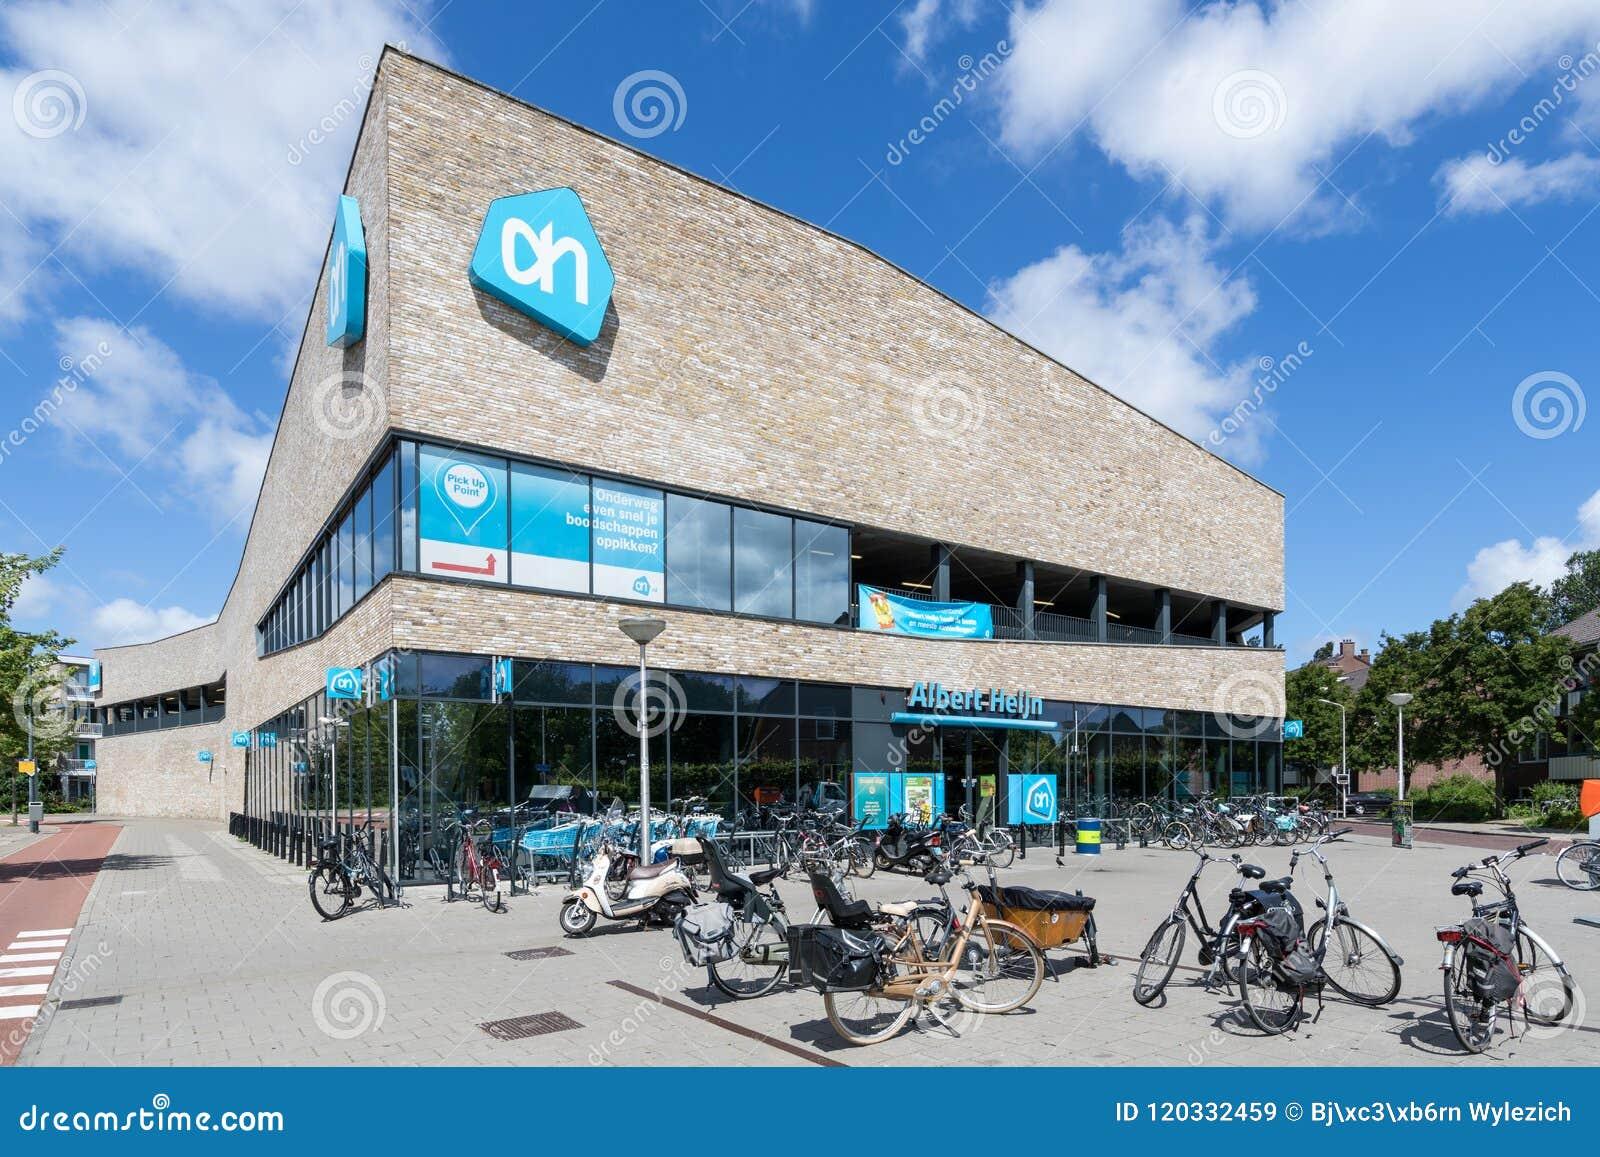 Albert Heijn supermarket in Delft, Netherlands